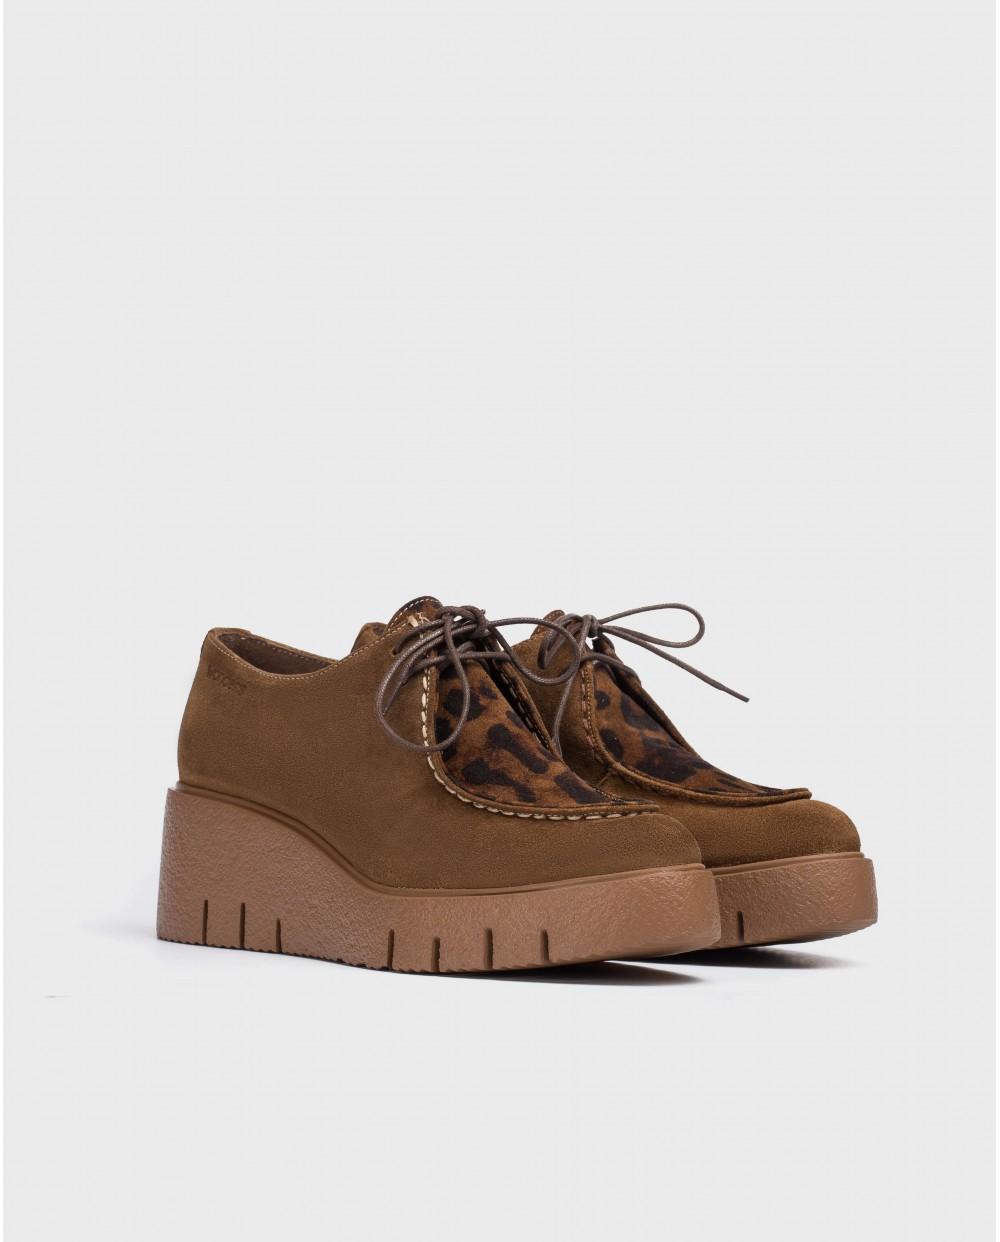 Wonders-Wedges-Brown Mood Shoes